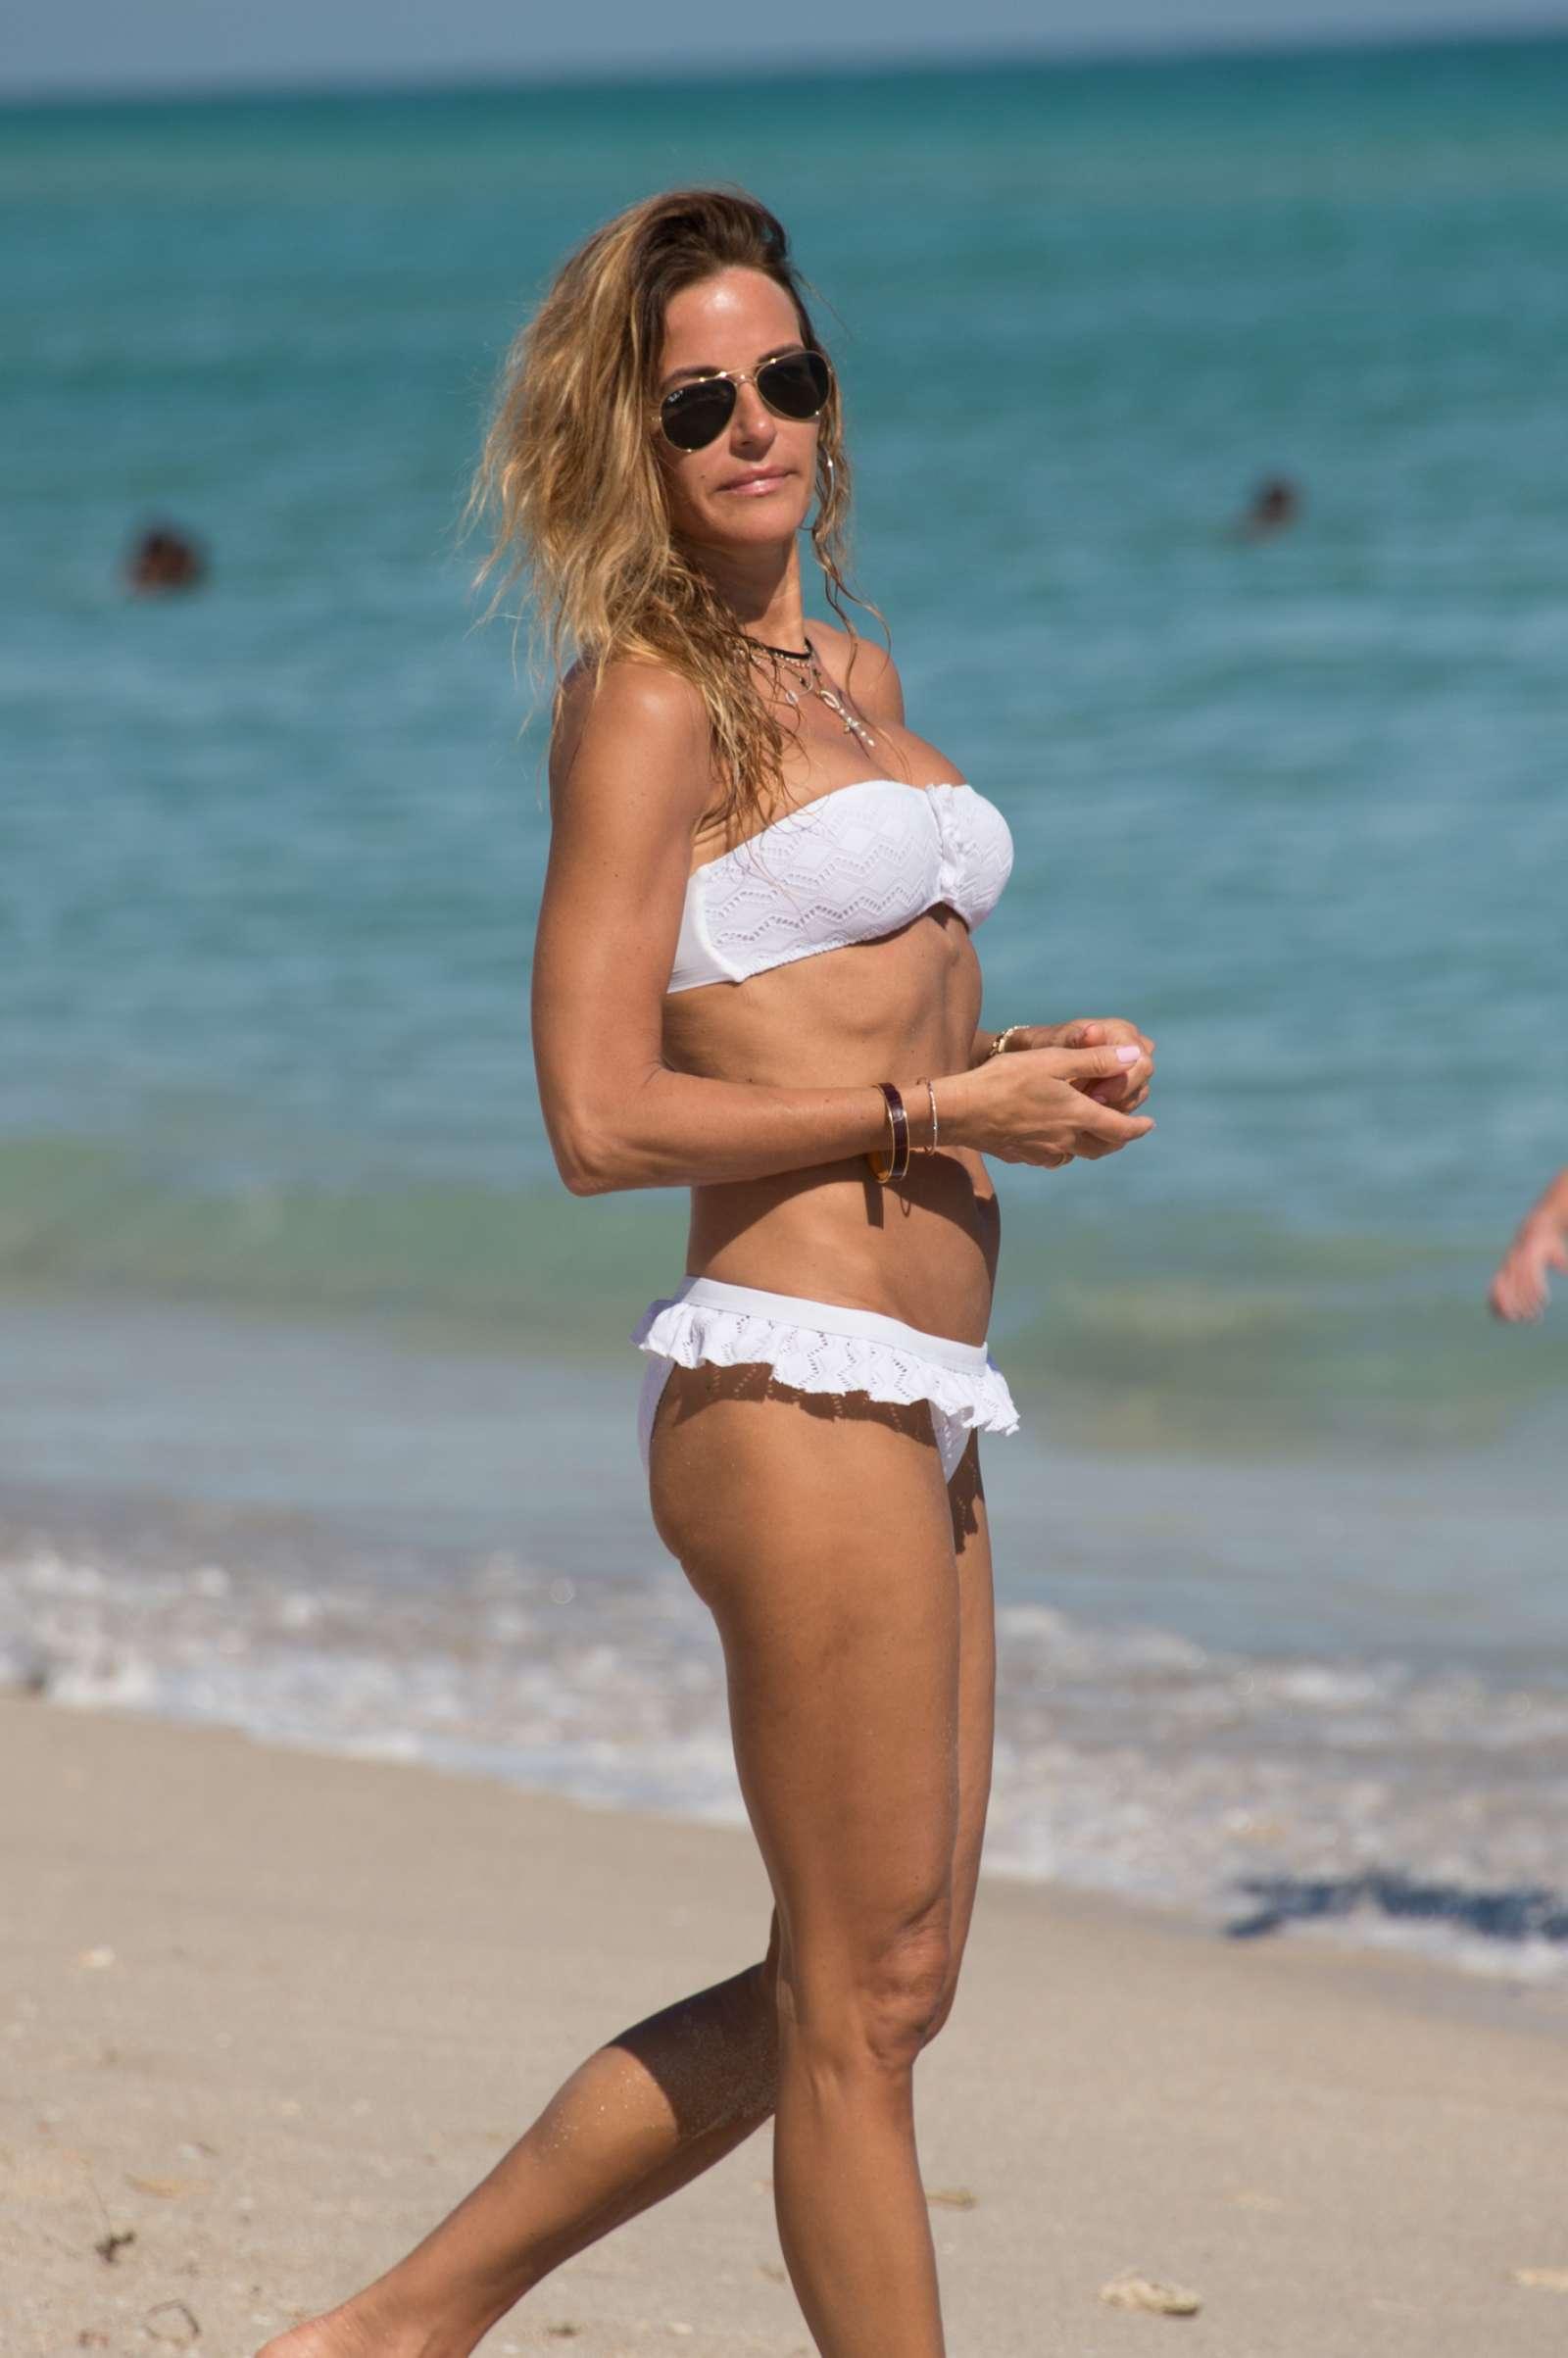 Kelly Bensimon 2017 : Kelly Bensimon in White Bikini 2017 -30